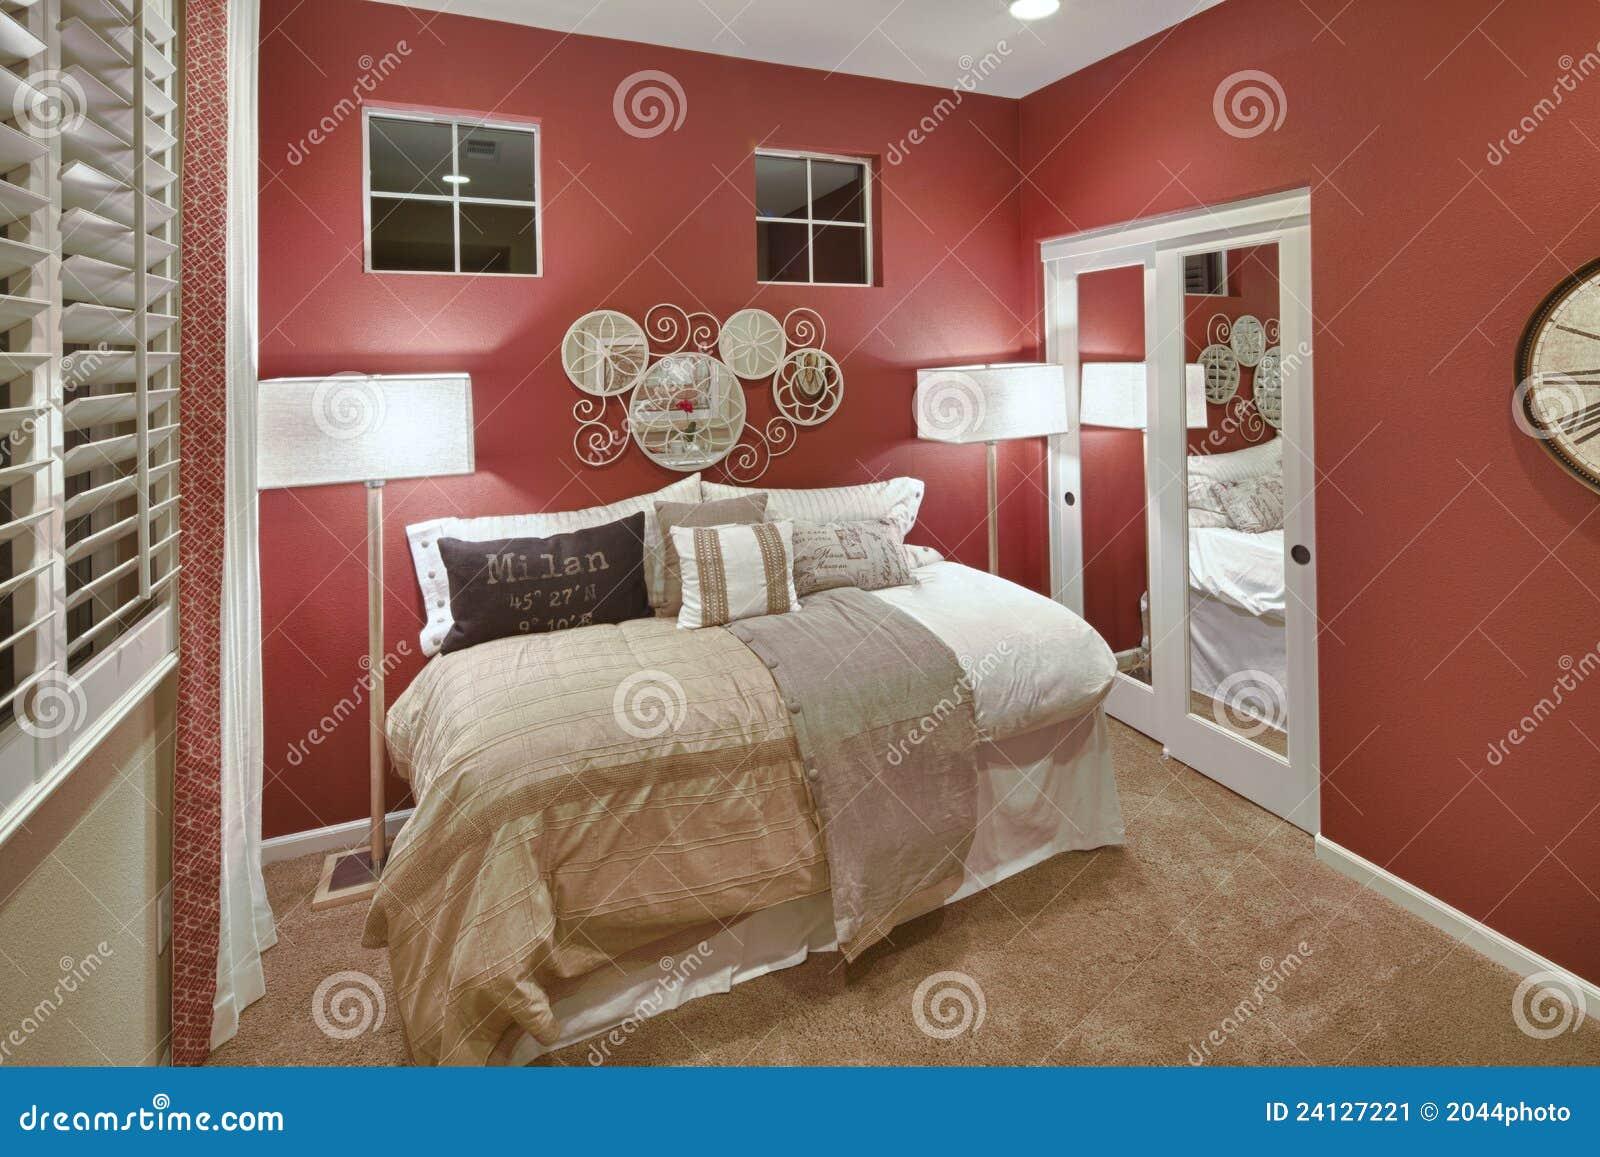 Chambre à Coucher De Maison Modèle - Rouge Et Blanc Image ...